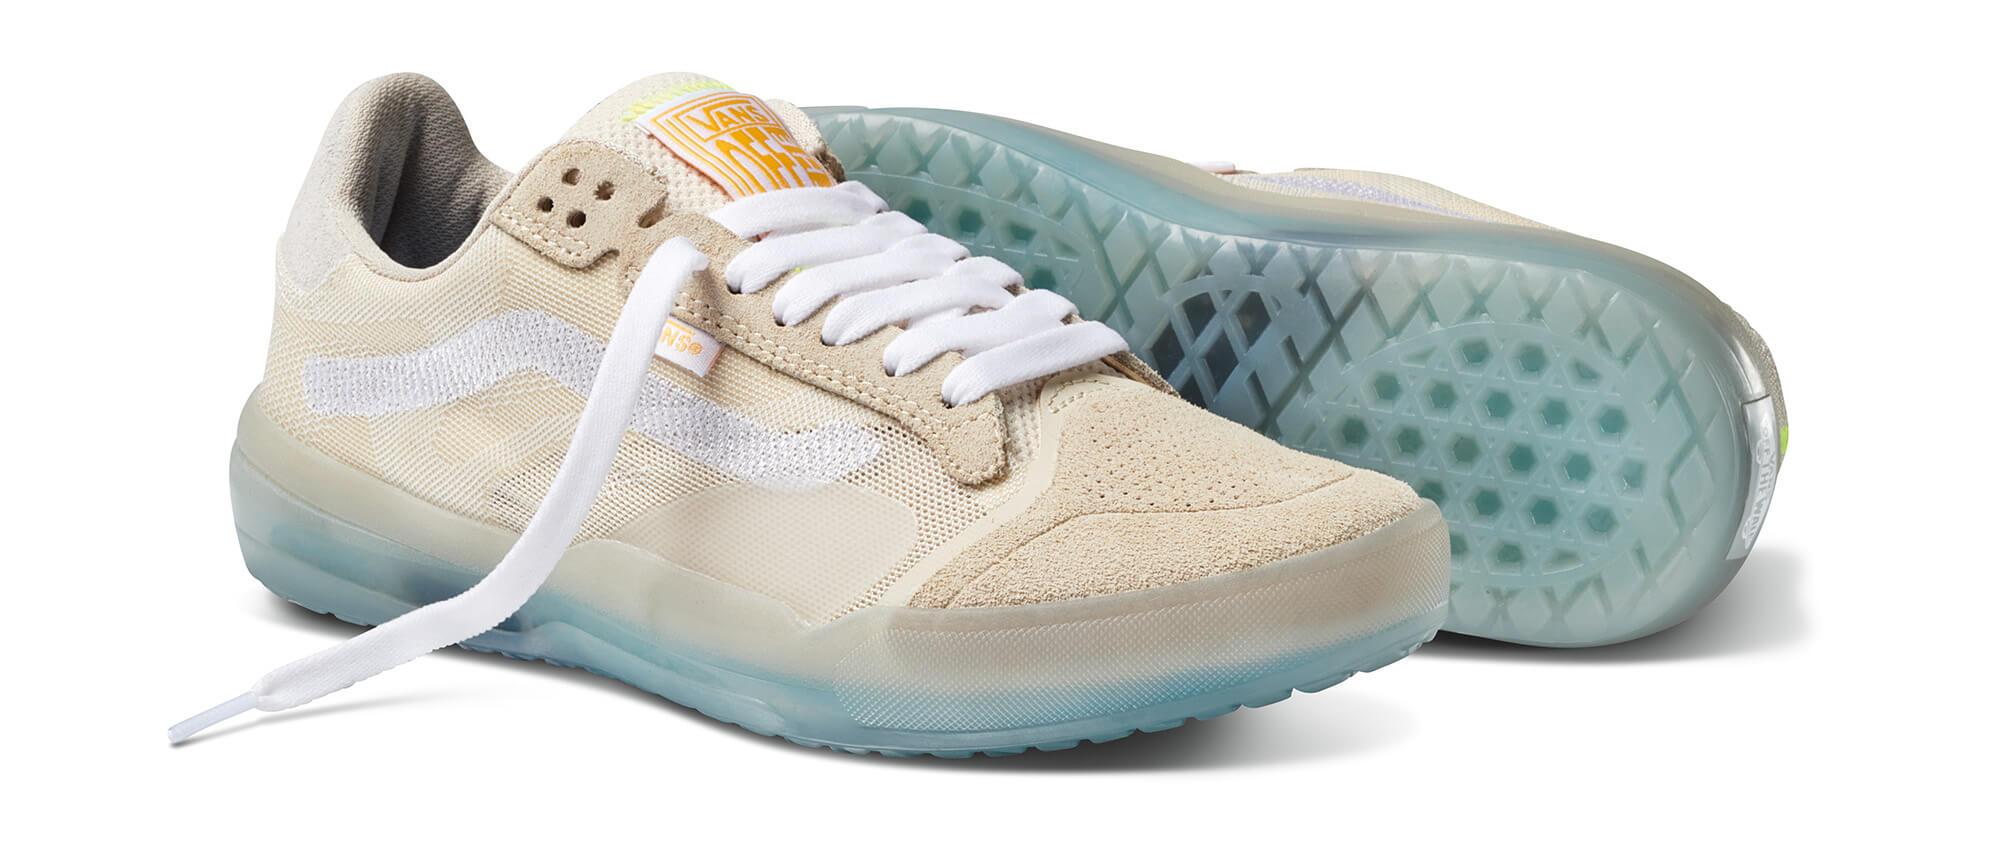 Vans EVDNTUltimate Waffle Sneaker - white/beige - VN0A5DY79LU